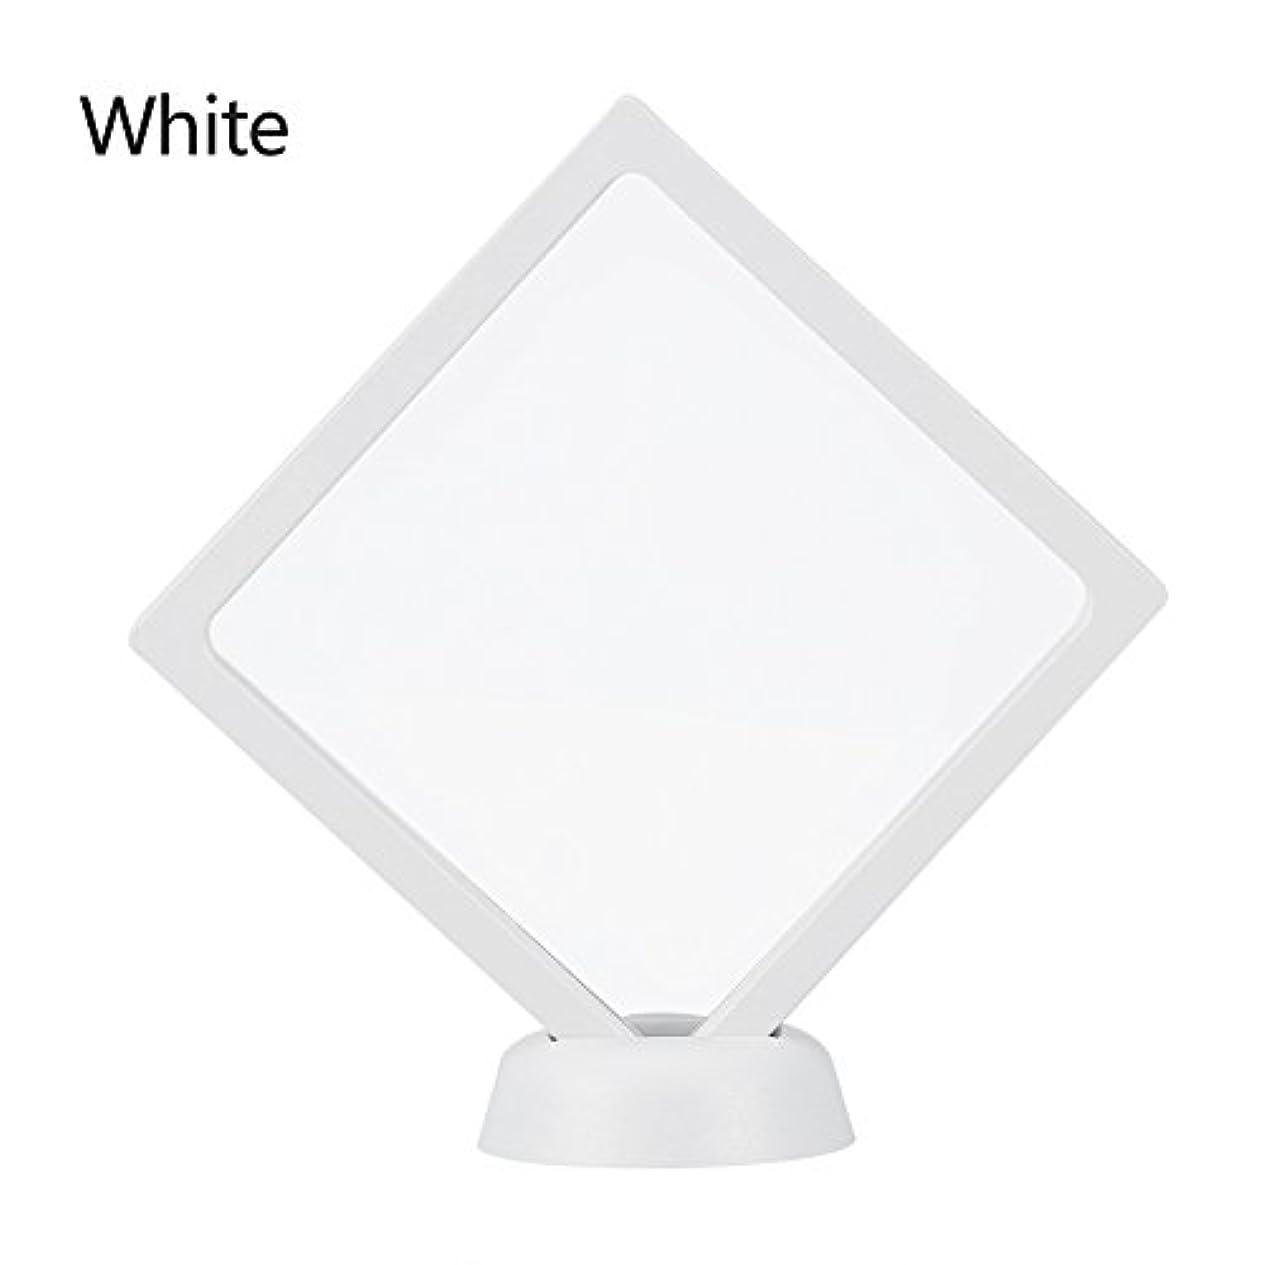 信条フレッシュ打ち上げるアクリルネイルプレートとPETフィルムディスプレイスクリーン付きの2つのダイヤモンドネイルディスプレイスタンド - 4.3 4.3インチネイルホルダーツール(White)